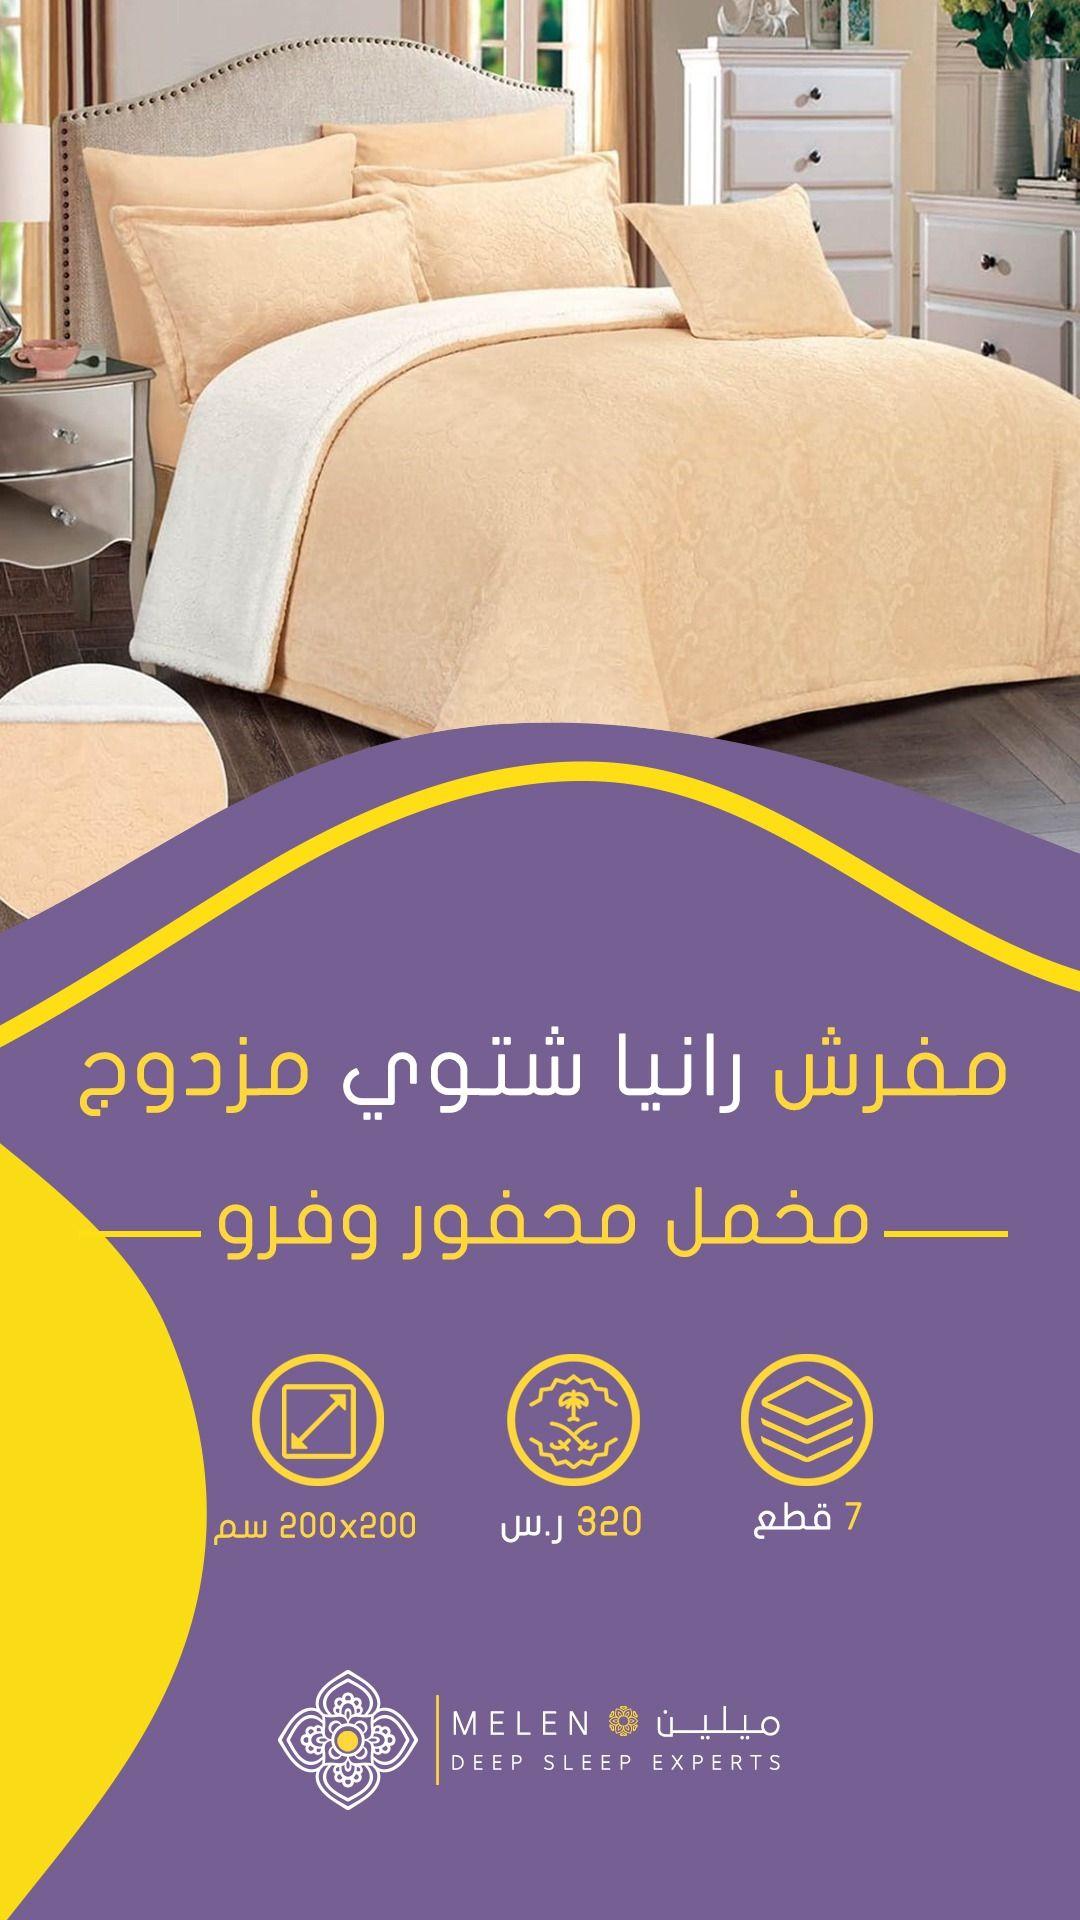 مفارش شتوي مزدوج مفارش ميلين Bed Blanket Home Decor